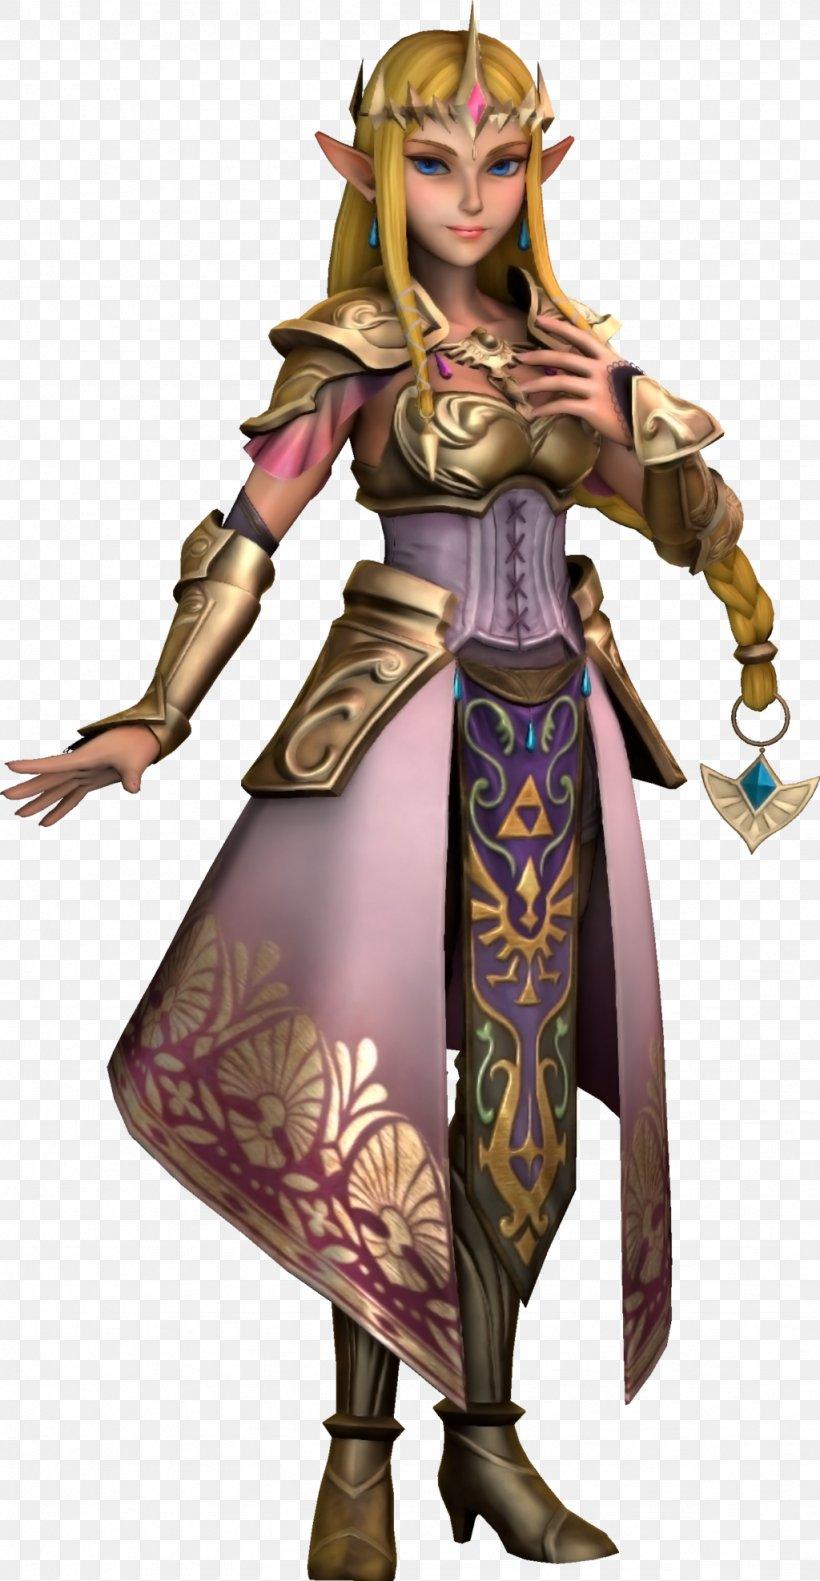 Hyrule Warriors Zelda Ii The Adventure Of Link Universe Of The Legend Of Zelda Source Filmmaker